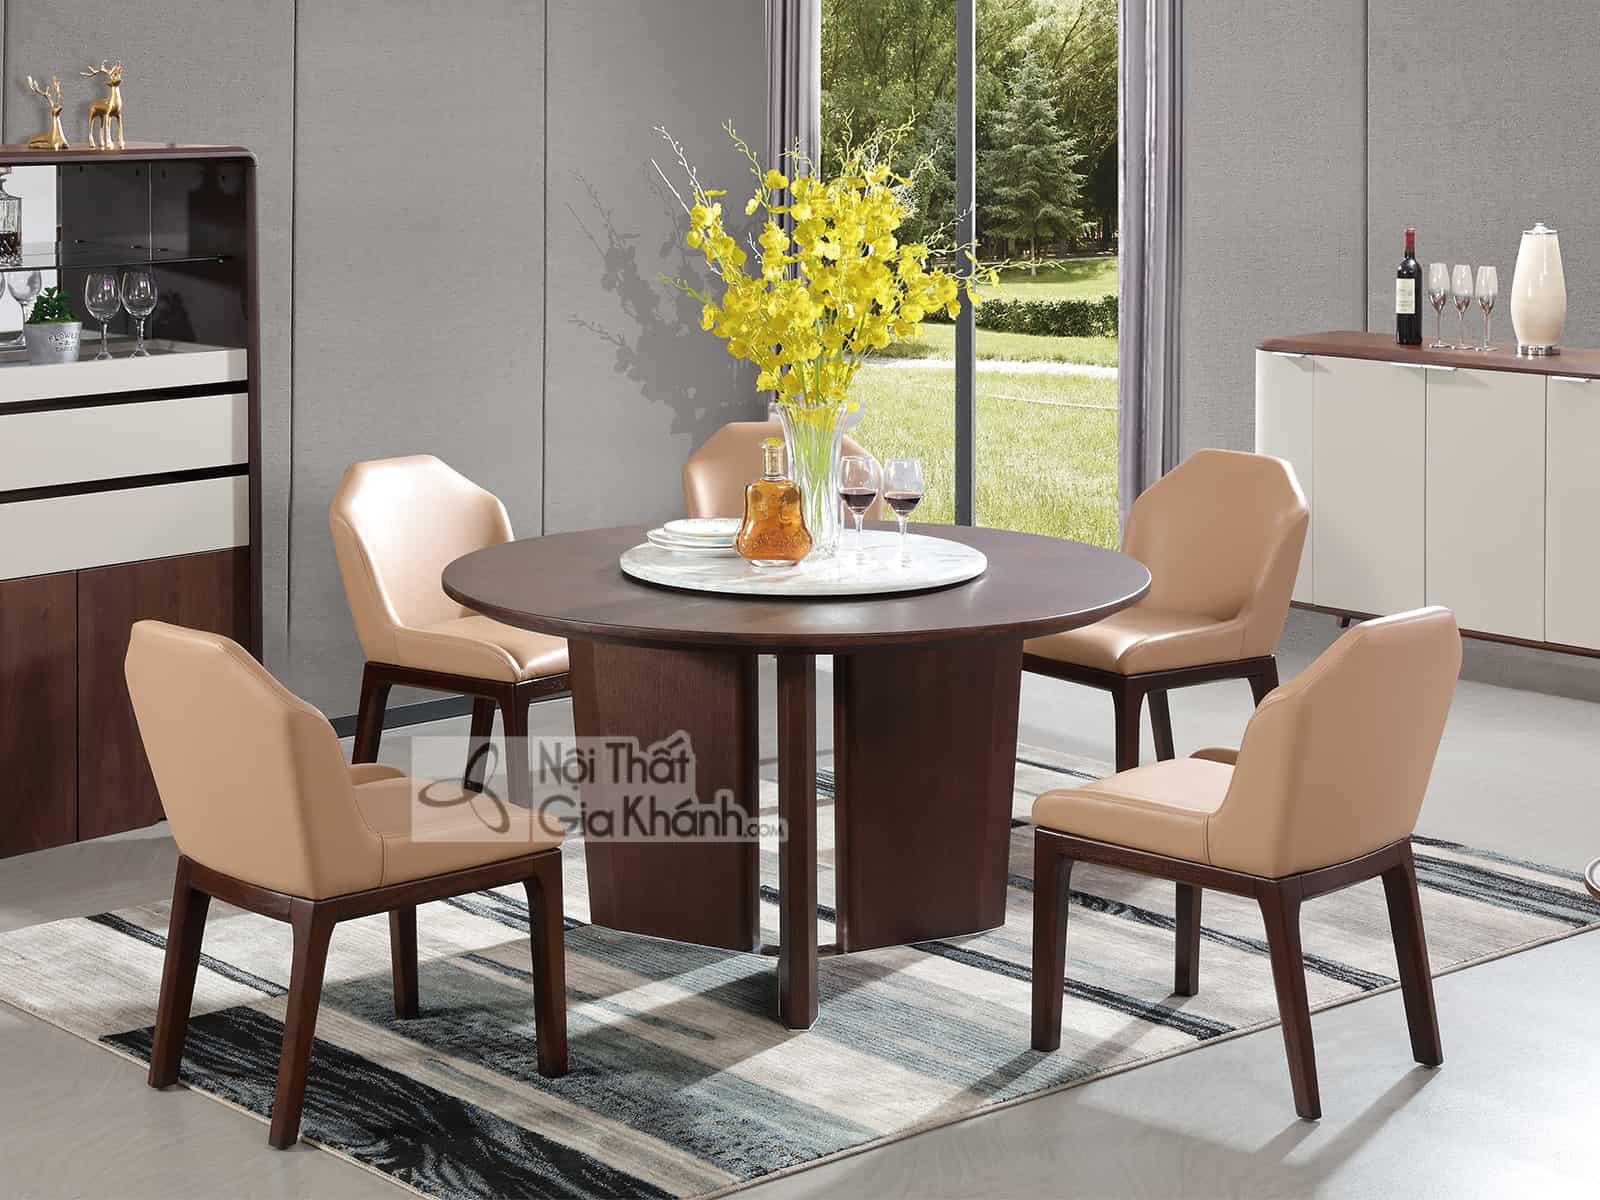 Bộ bàn ăn gỗ hiện đại nhập khẩu 1801BBAT - ban an hien dai mau trang hd963ba